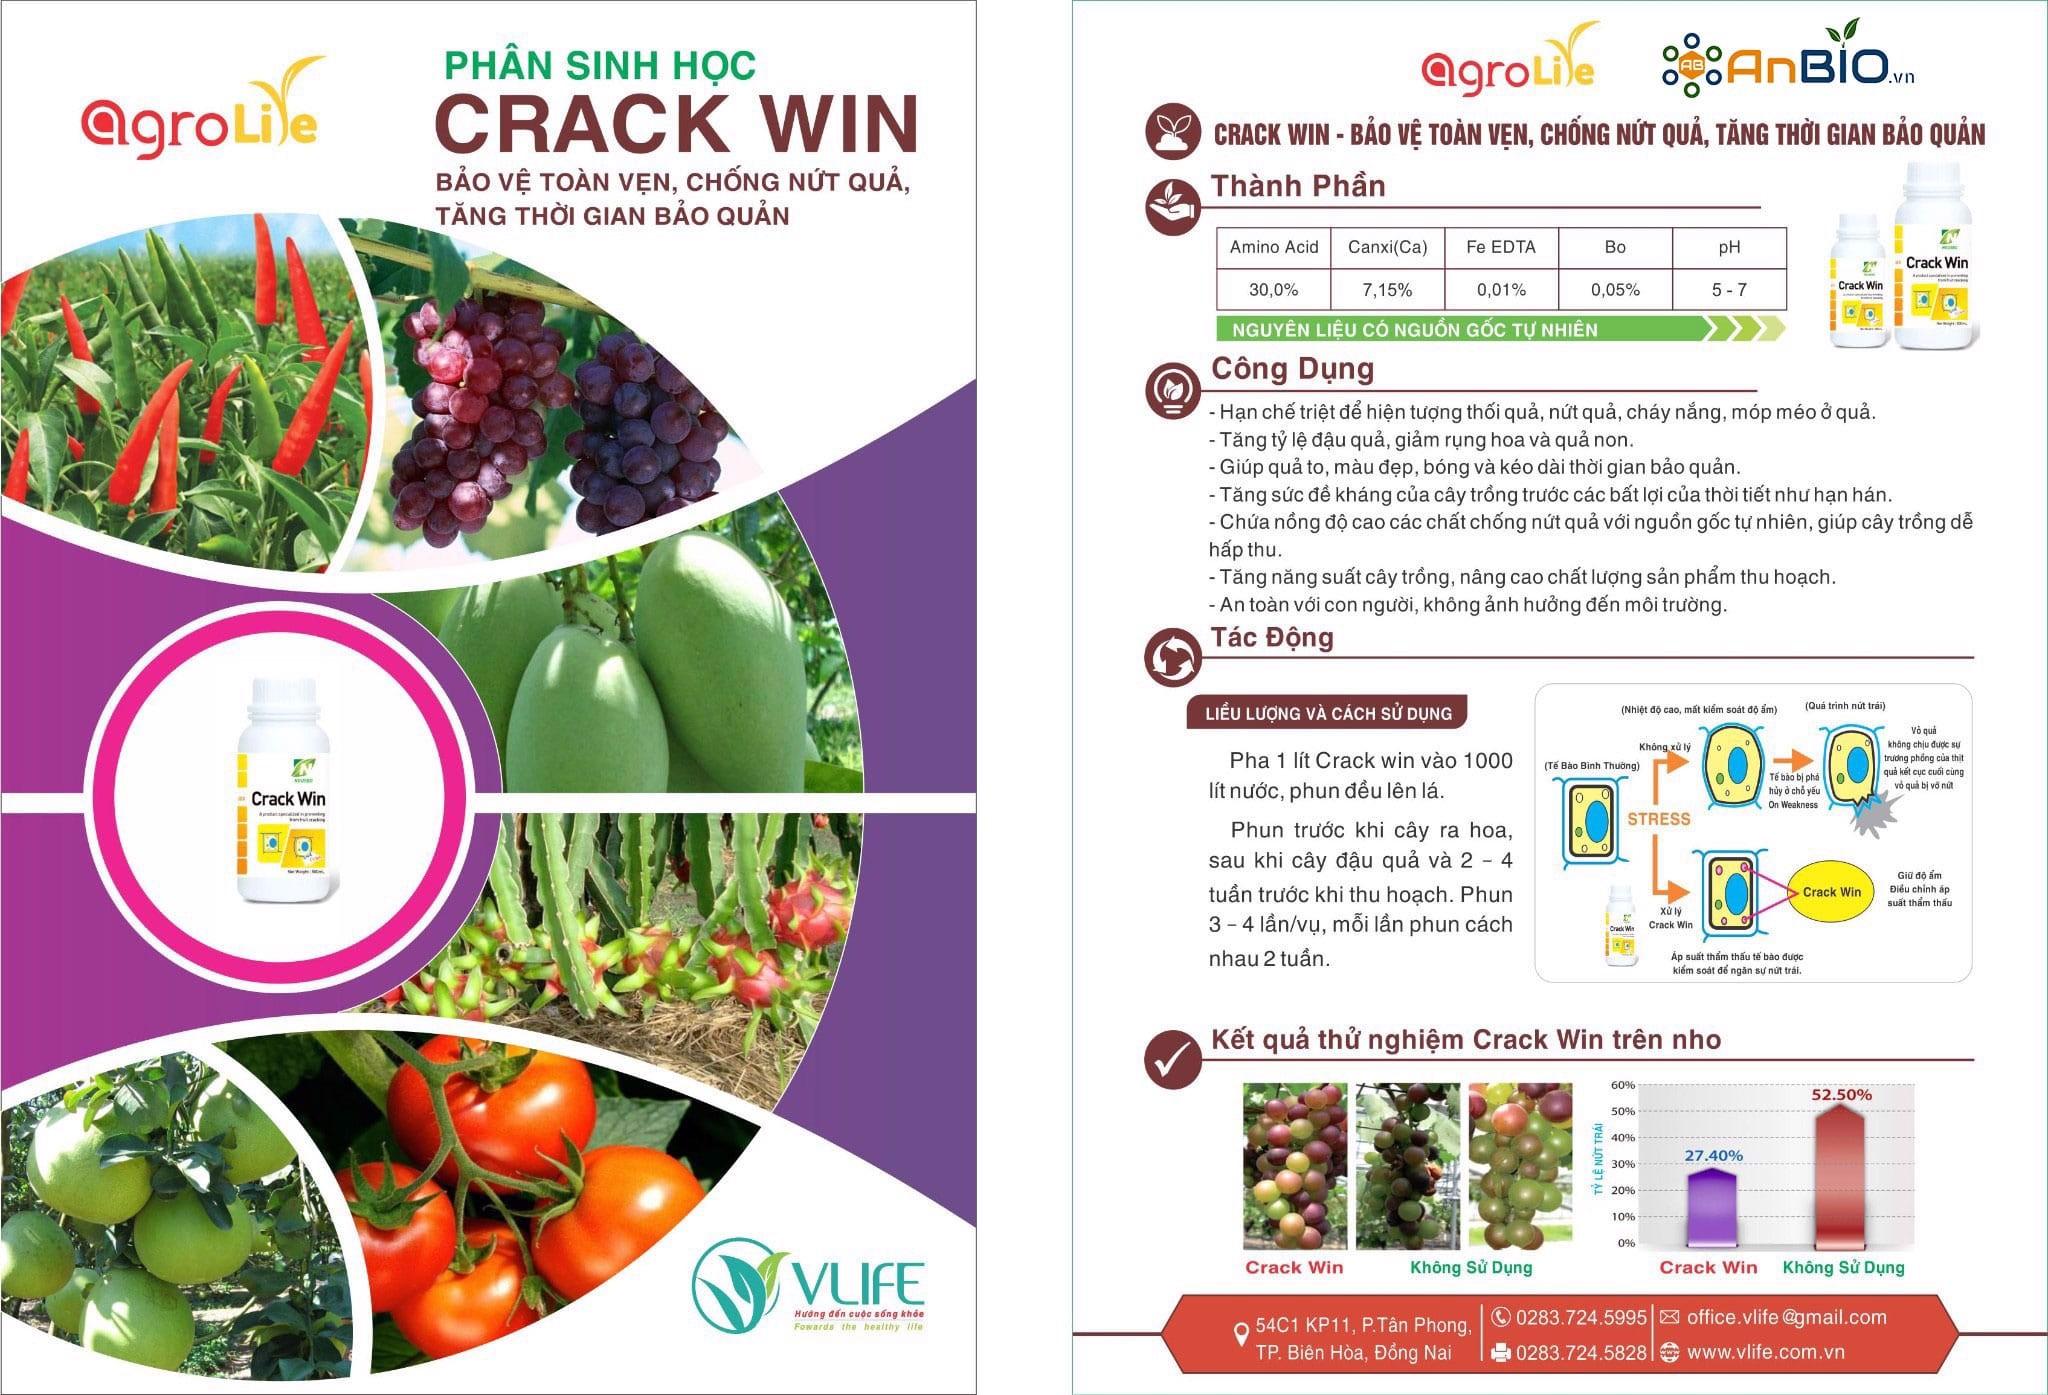 Crack Win